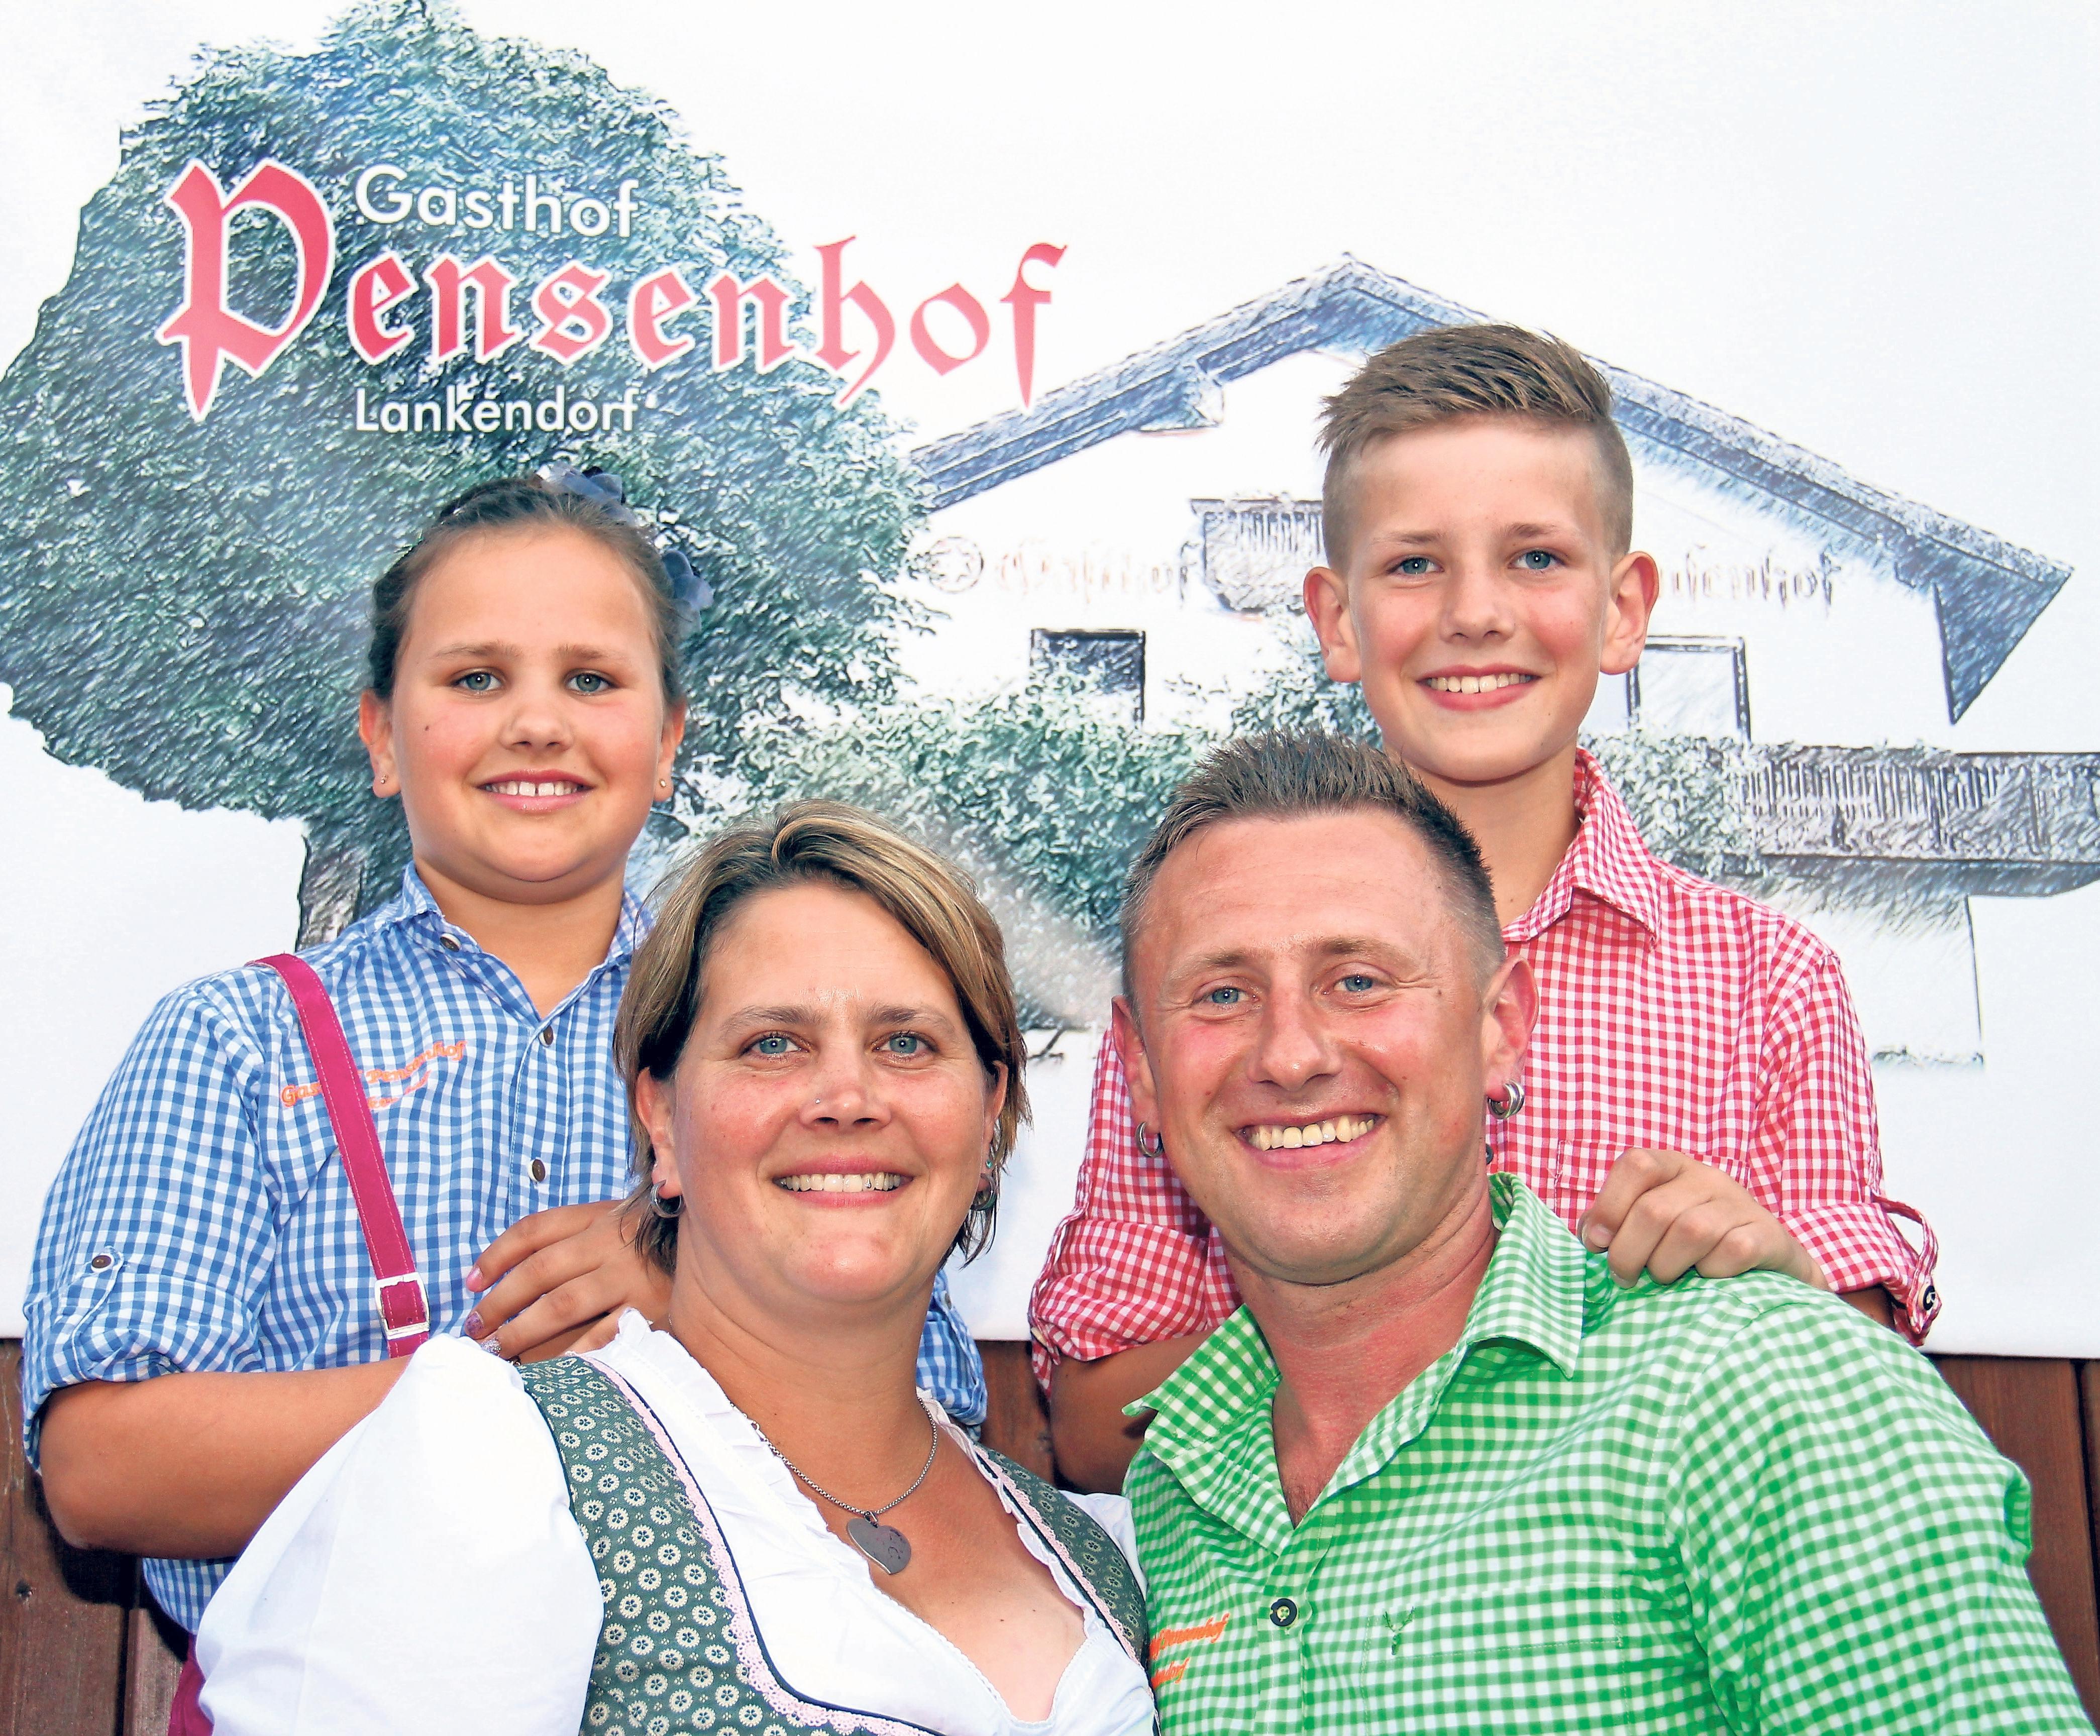 Pensenhofwirt Martin Zapf und seine Frau Sabine mit ihren Kindern Florian und Sarah. Fotos: Thomas Kenger